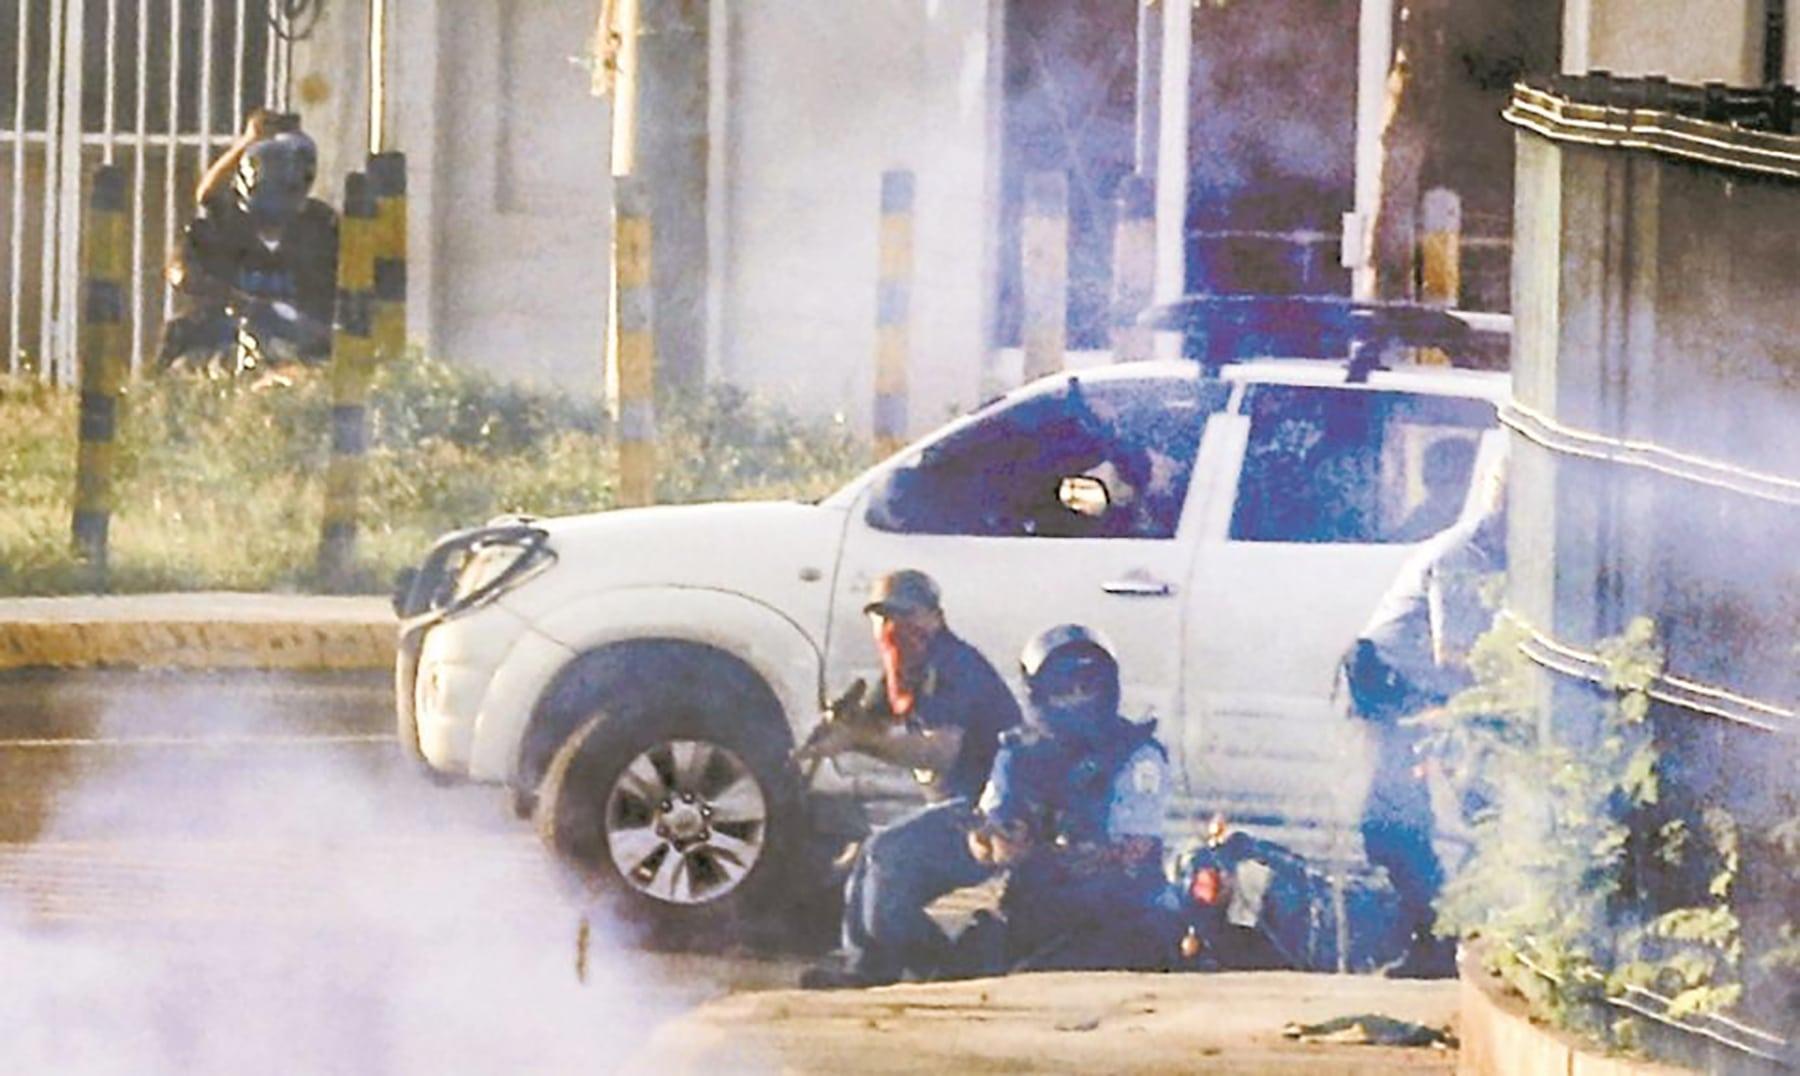 En la imange captada por el fotógrafo de El Nuevo Diario durante el ataque del 30 de mayo en la UNI, se observa a un paramilitar armado con fusil AK47 junto a un uniformado de la Policía Nacional.